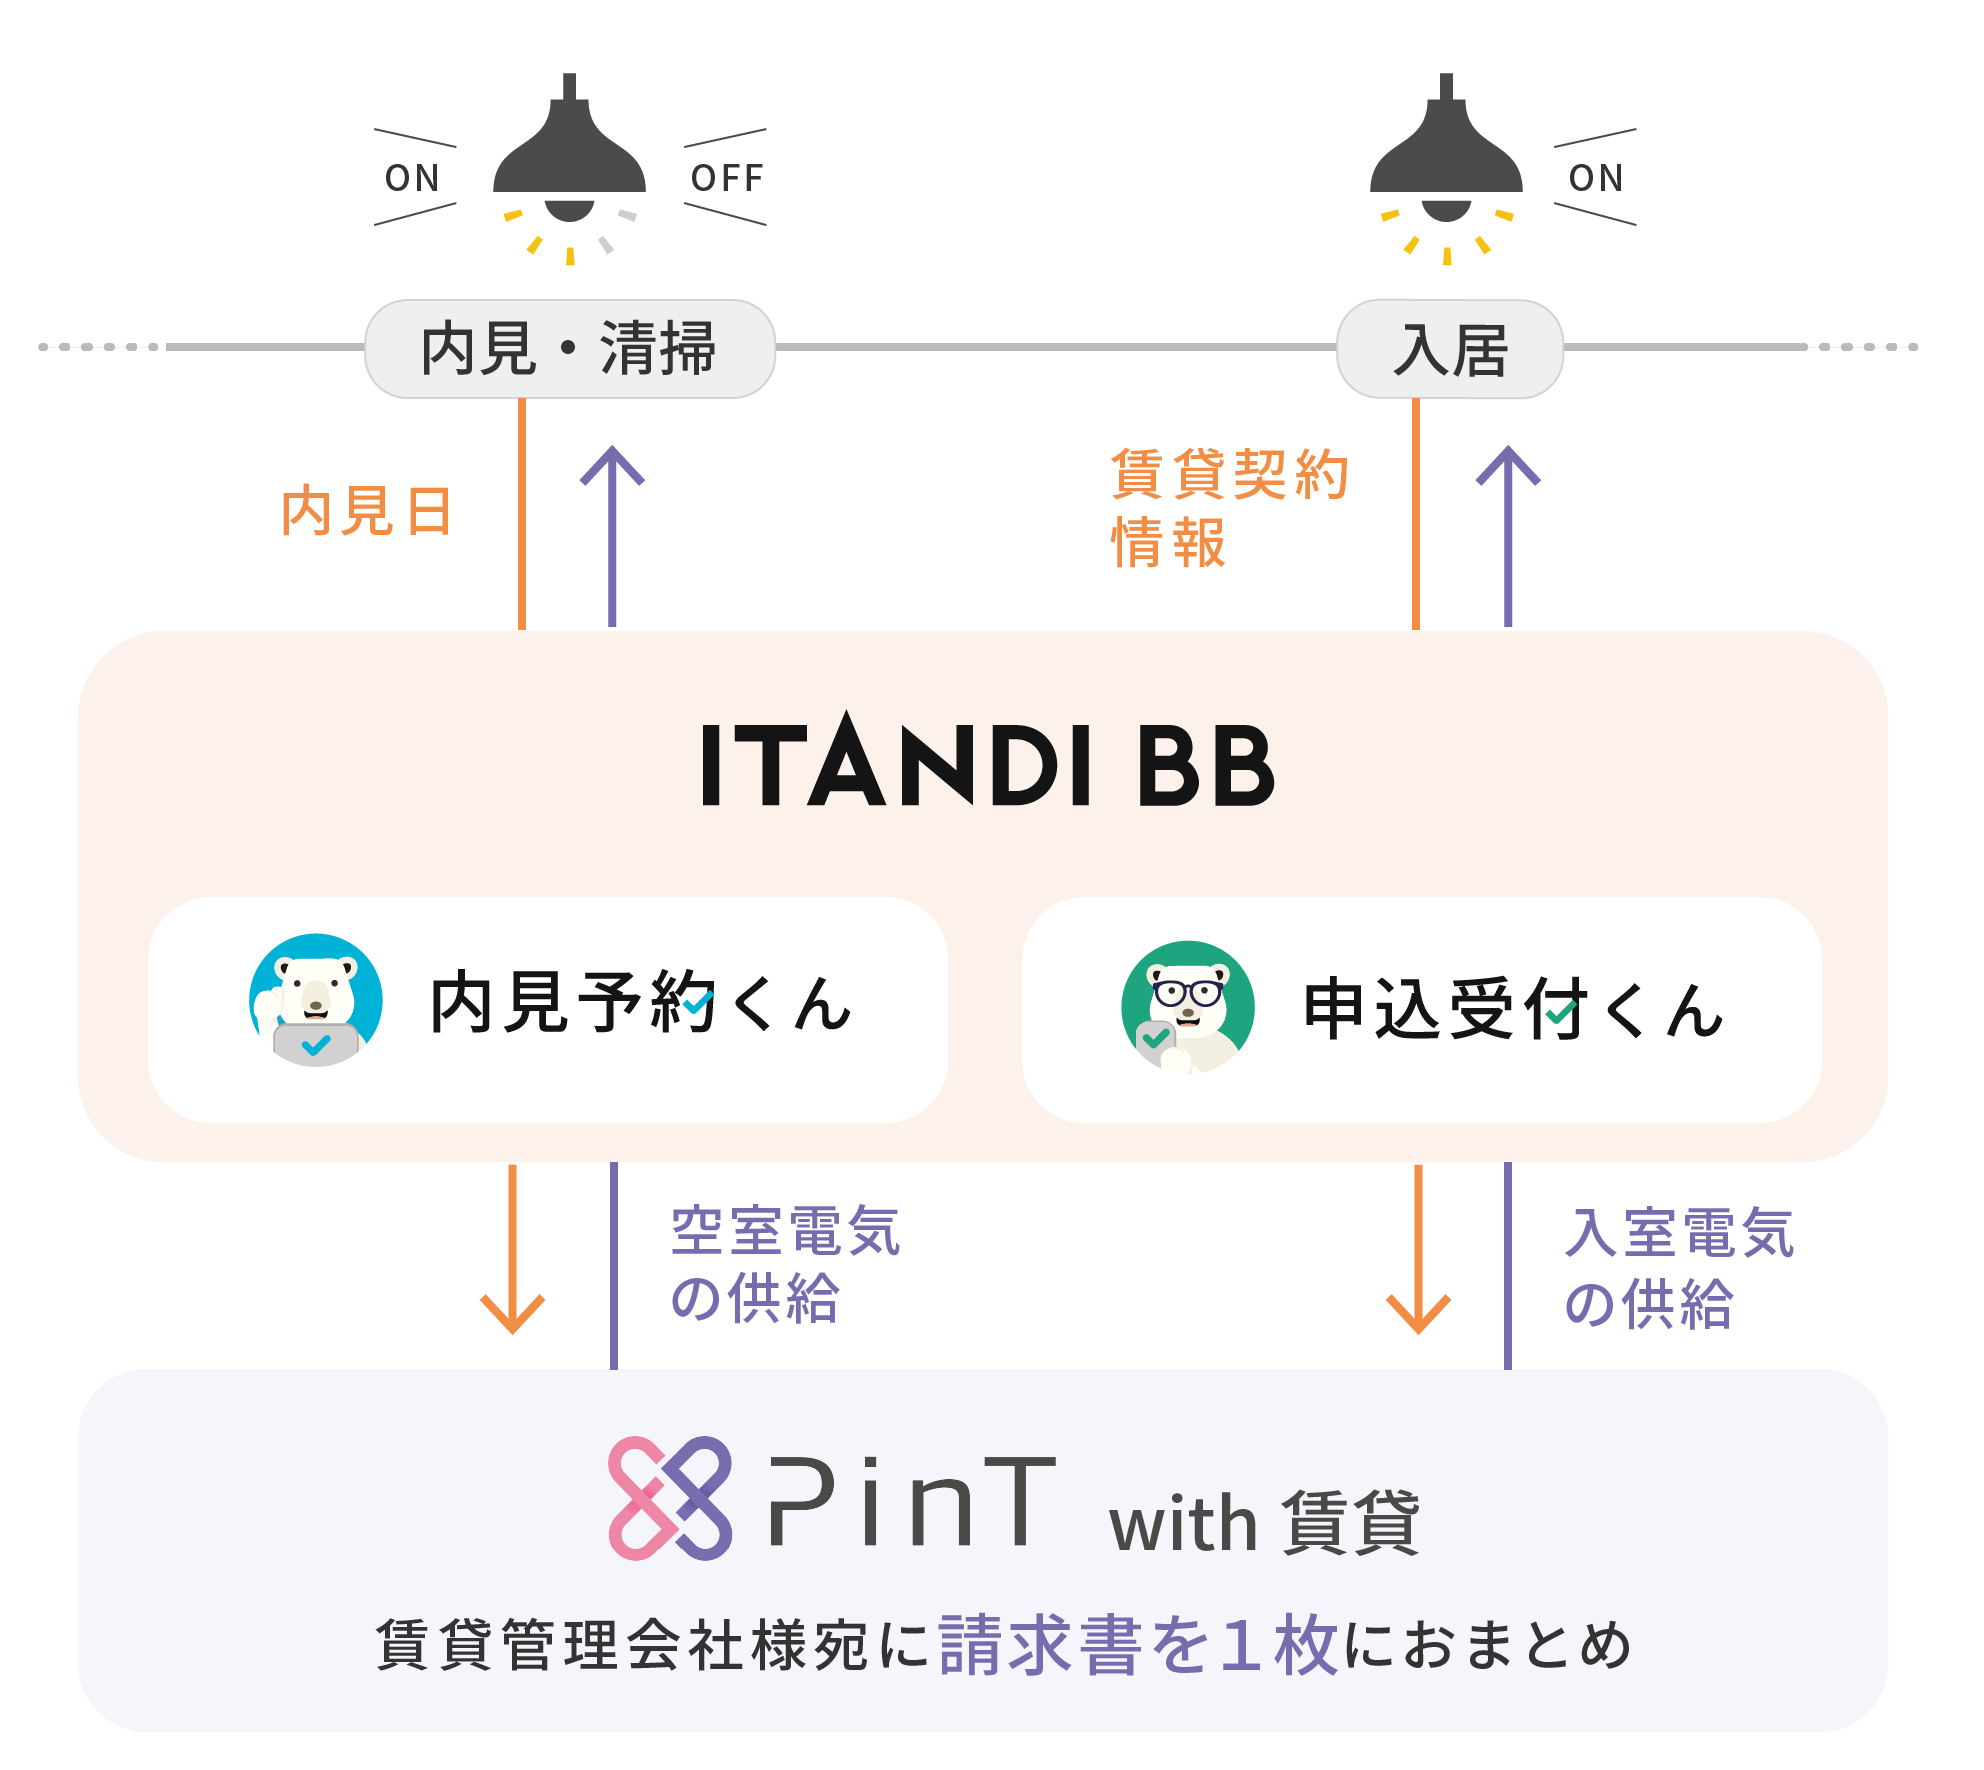 東京電力グループPinTとイタンジ協業により、賃貸物件の内見時における電気契約切替の自動化を開始